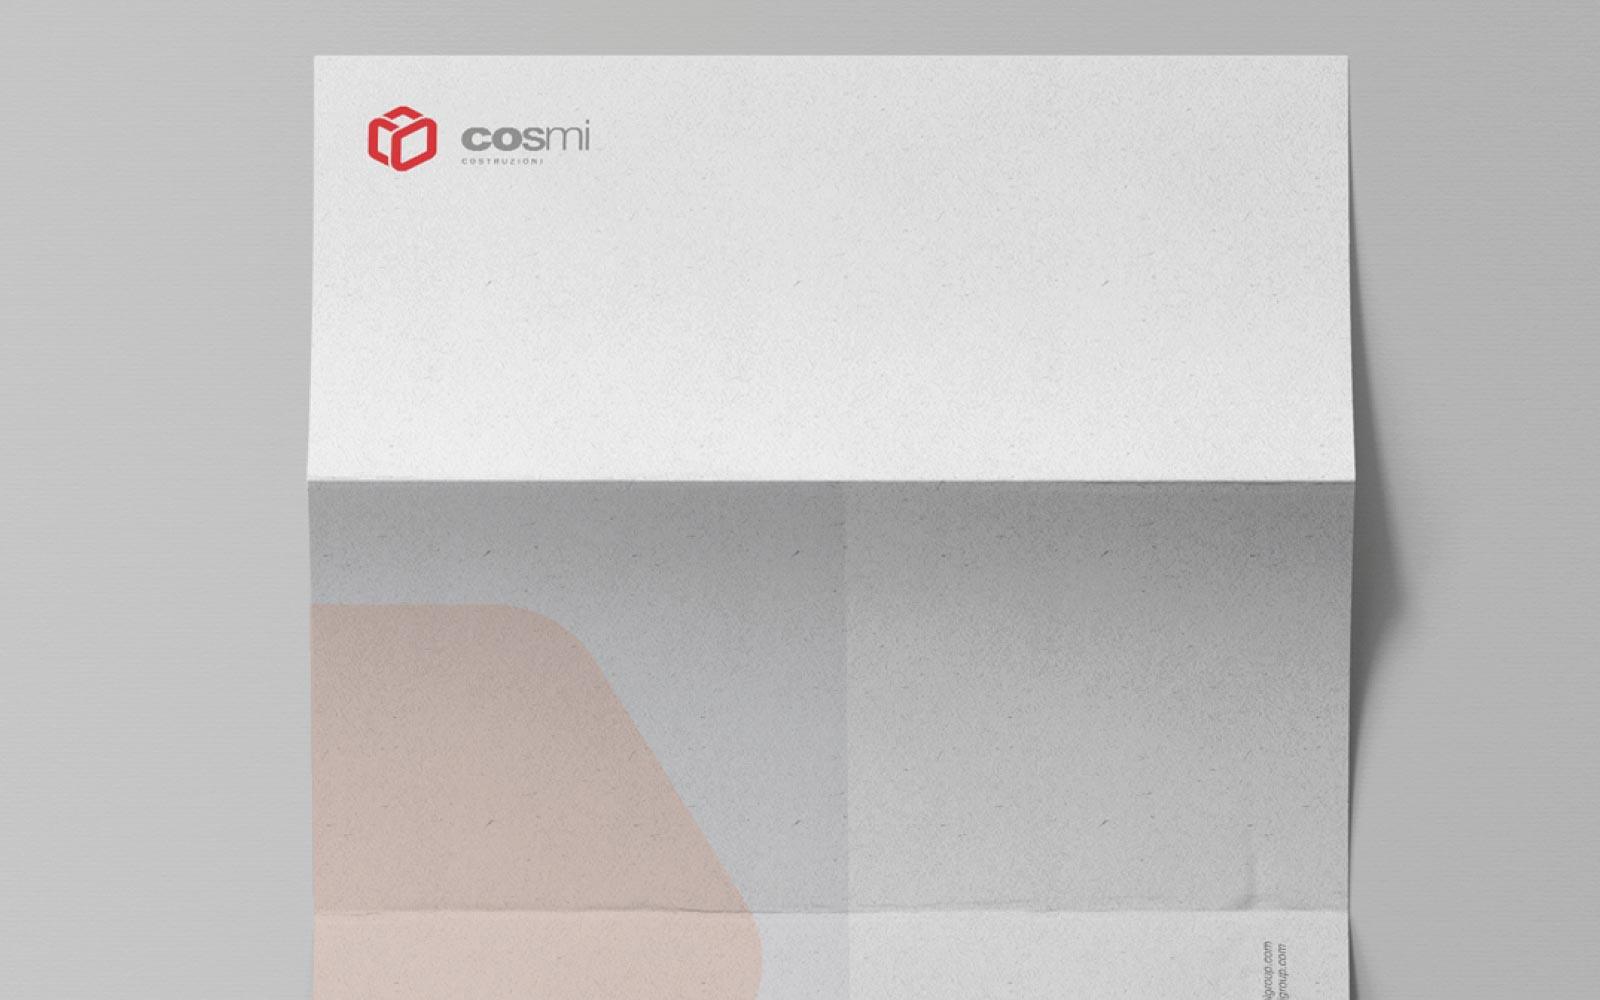 progetto modulistica aziendale e logo per impresa costruzioni cosmi, realizzato da diadestudio agenzia di comunicazione arco di trento